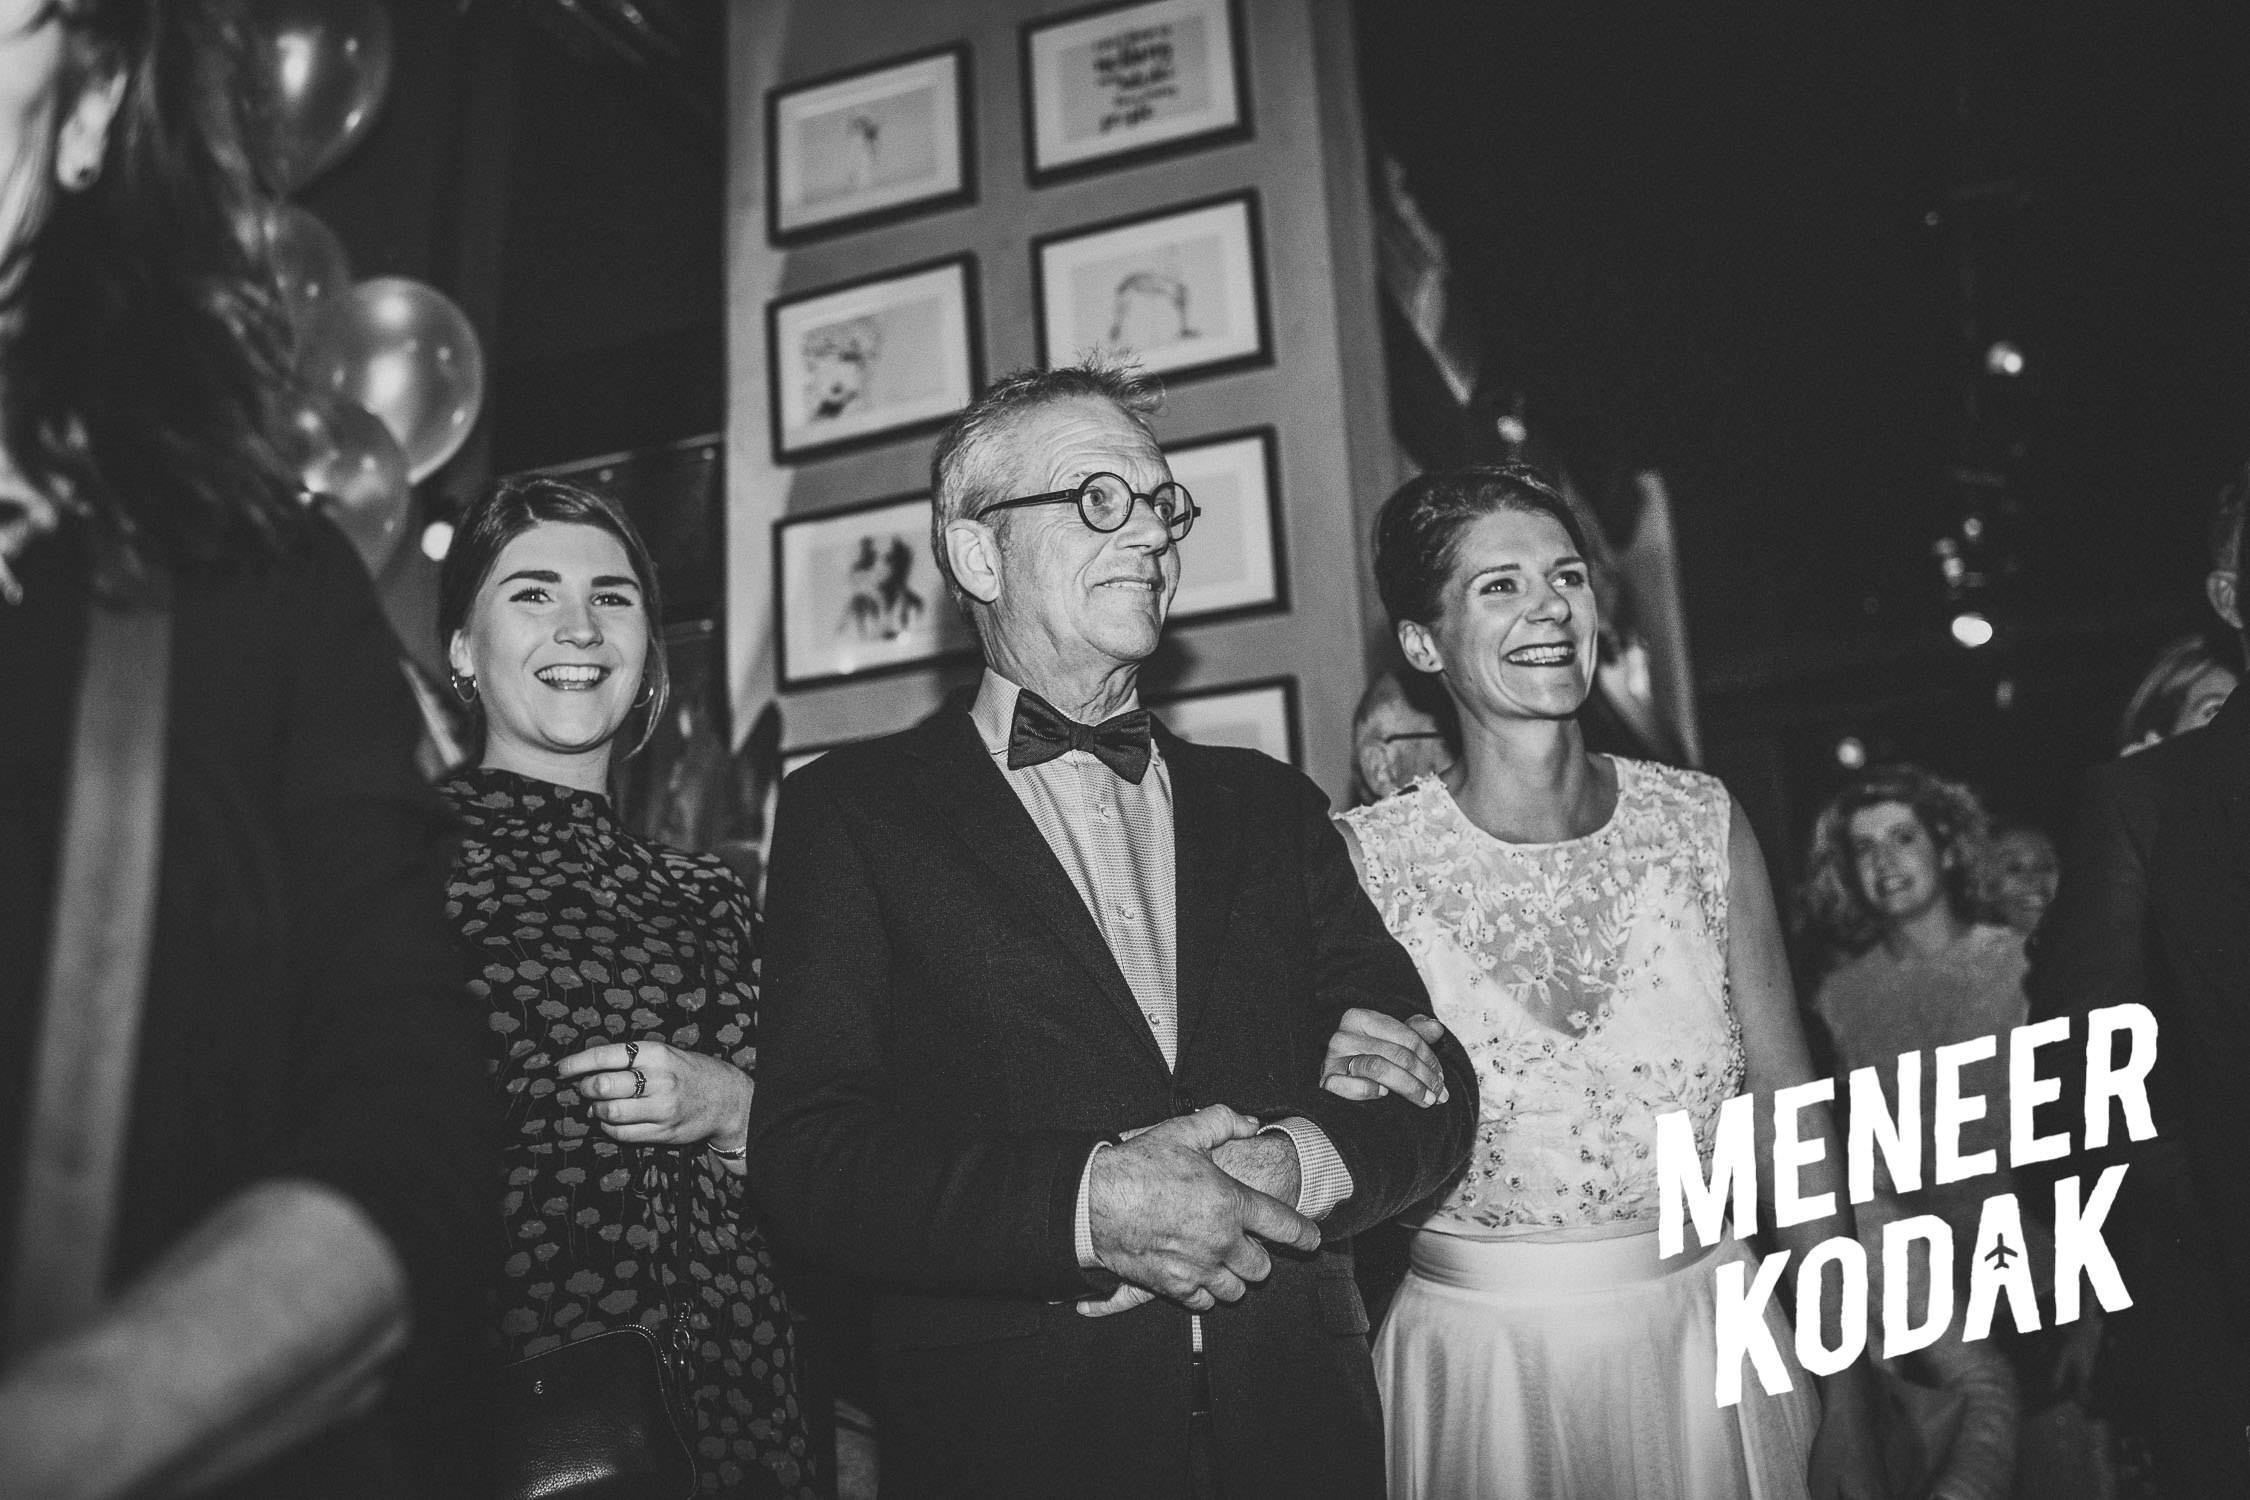 Meneer Kodak - Bruidsfotograaf - Breda - S&R-091.jpg